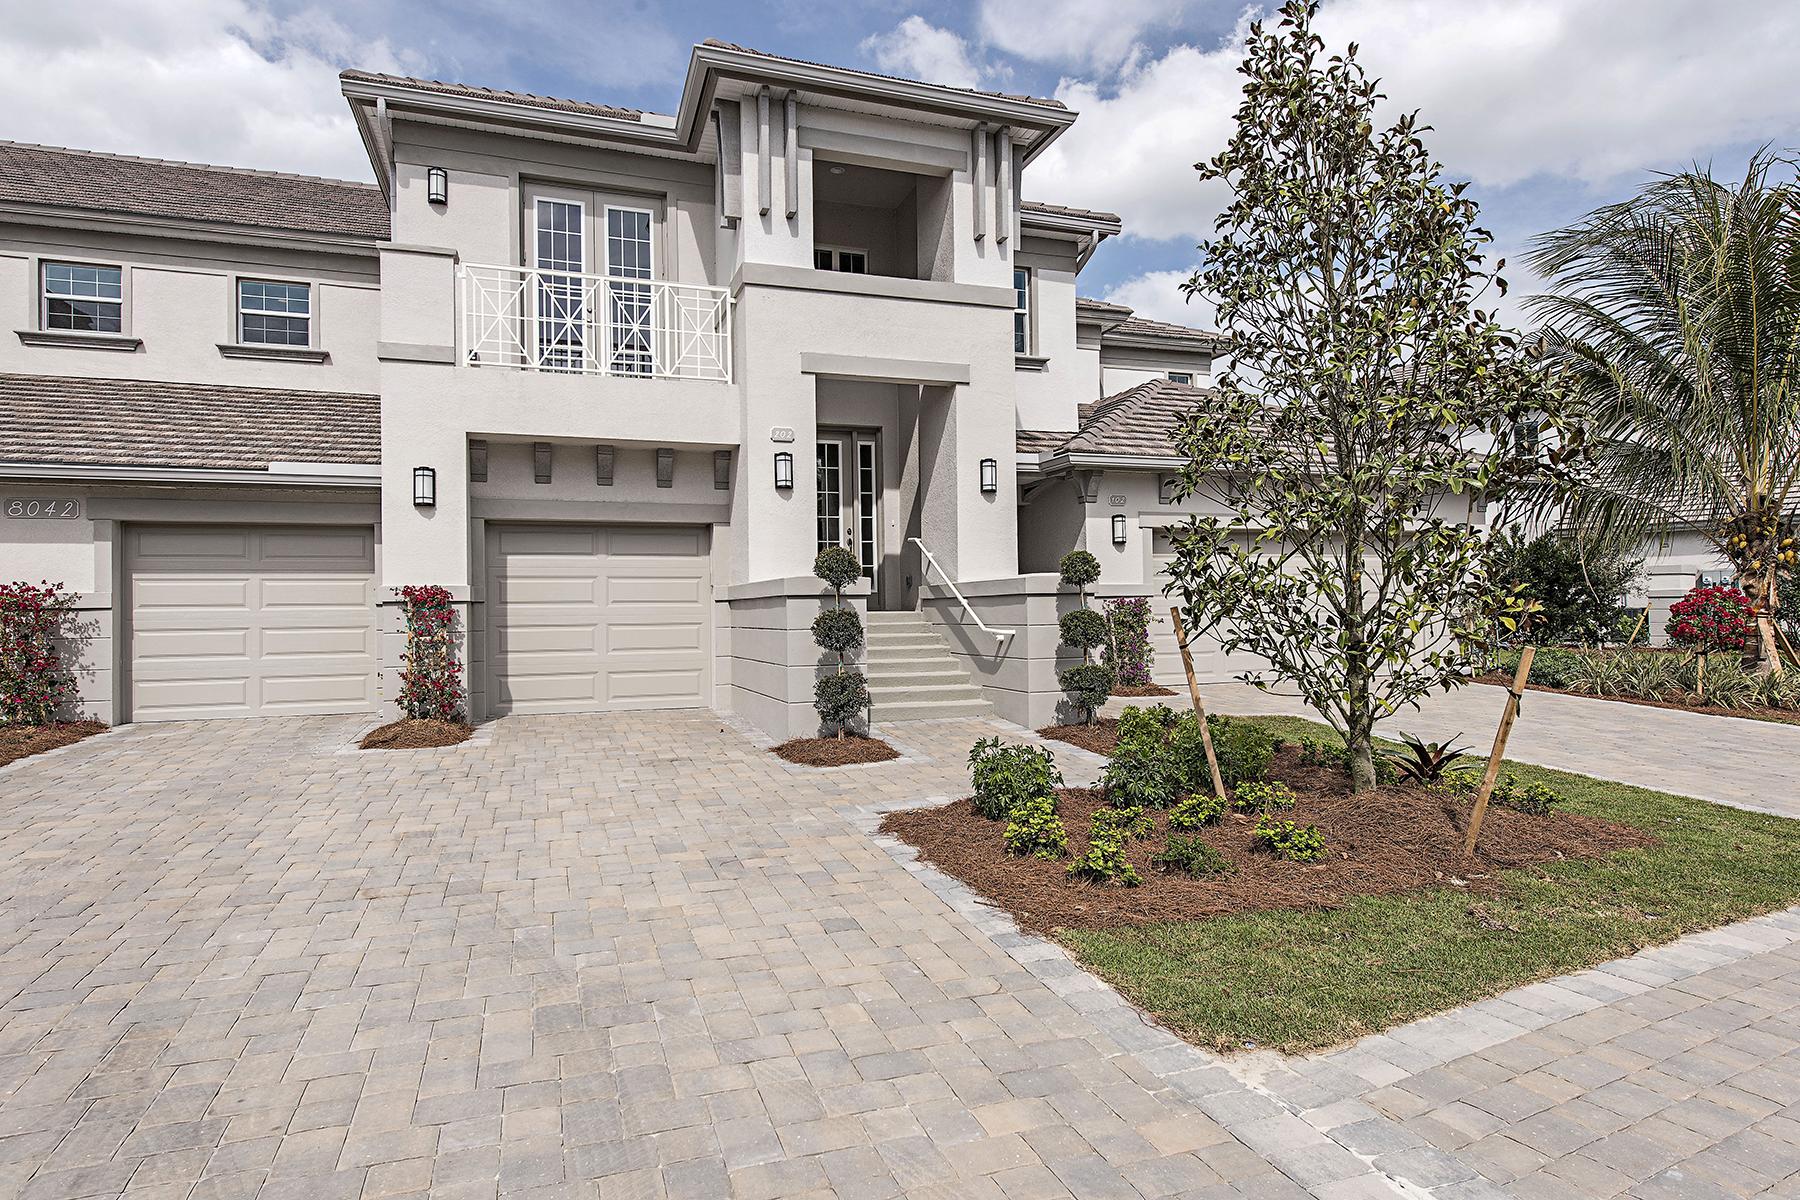 Nhà chung cư vì Bán tại LELY RESORT - SIGNATURE CLUB 8042 Signature Club Circle 202 Naples, Florida, 34113 Hoa Kỳ